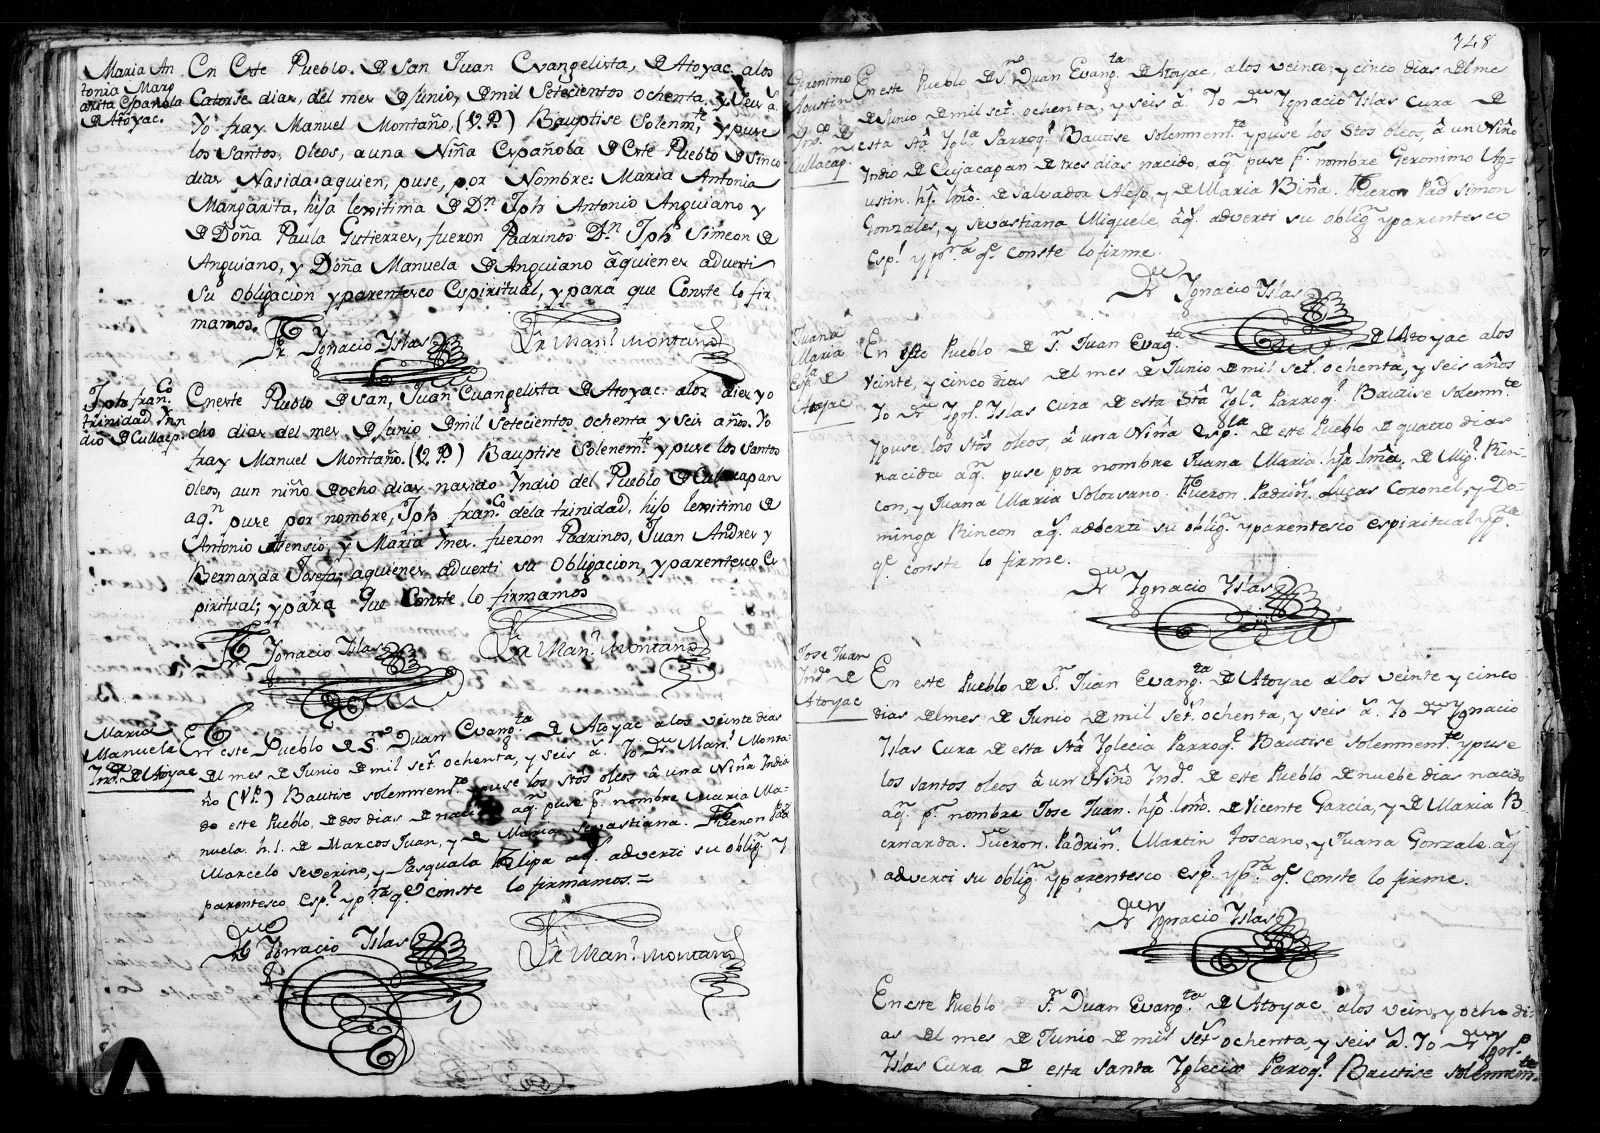 REFLEXION SOBRE MARTIN TOSCANO Y SU TESORO - Página 2 2qm0kn9